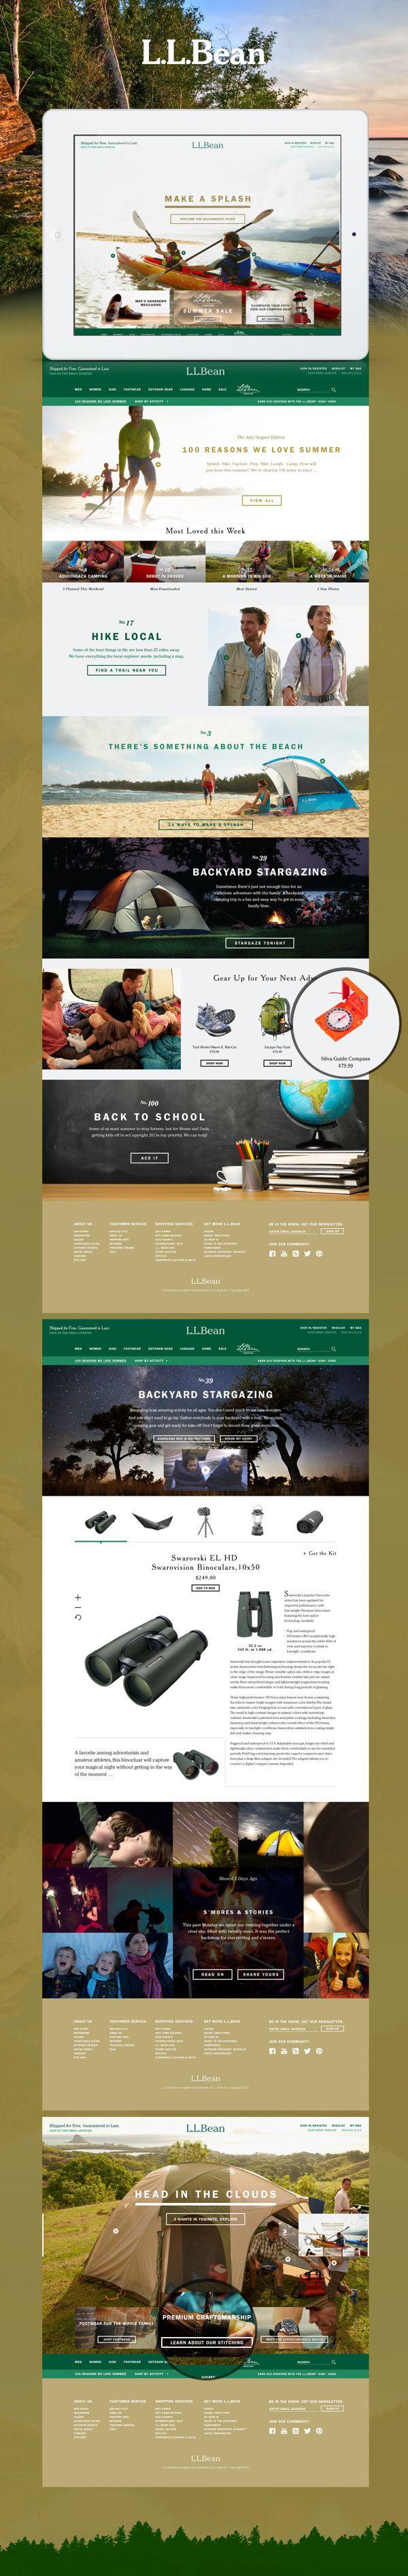 L.L.Bean Pitch by Michael Janiak   #webdesign #it #web #design #layout #userinterface #website #webdesign < repinned by www.BlickeDeeler.de   Take a look at www.WebsiteDesign-Hamburg.de